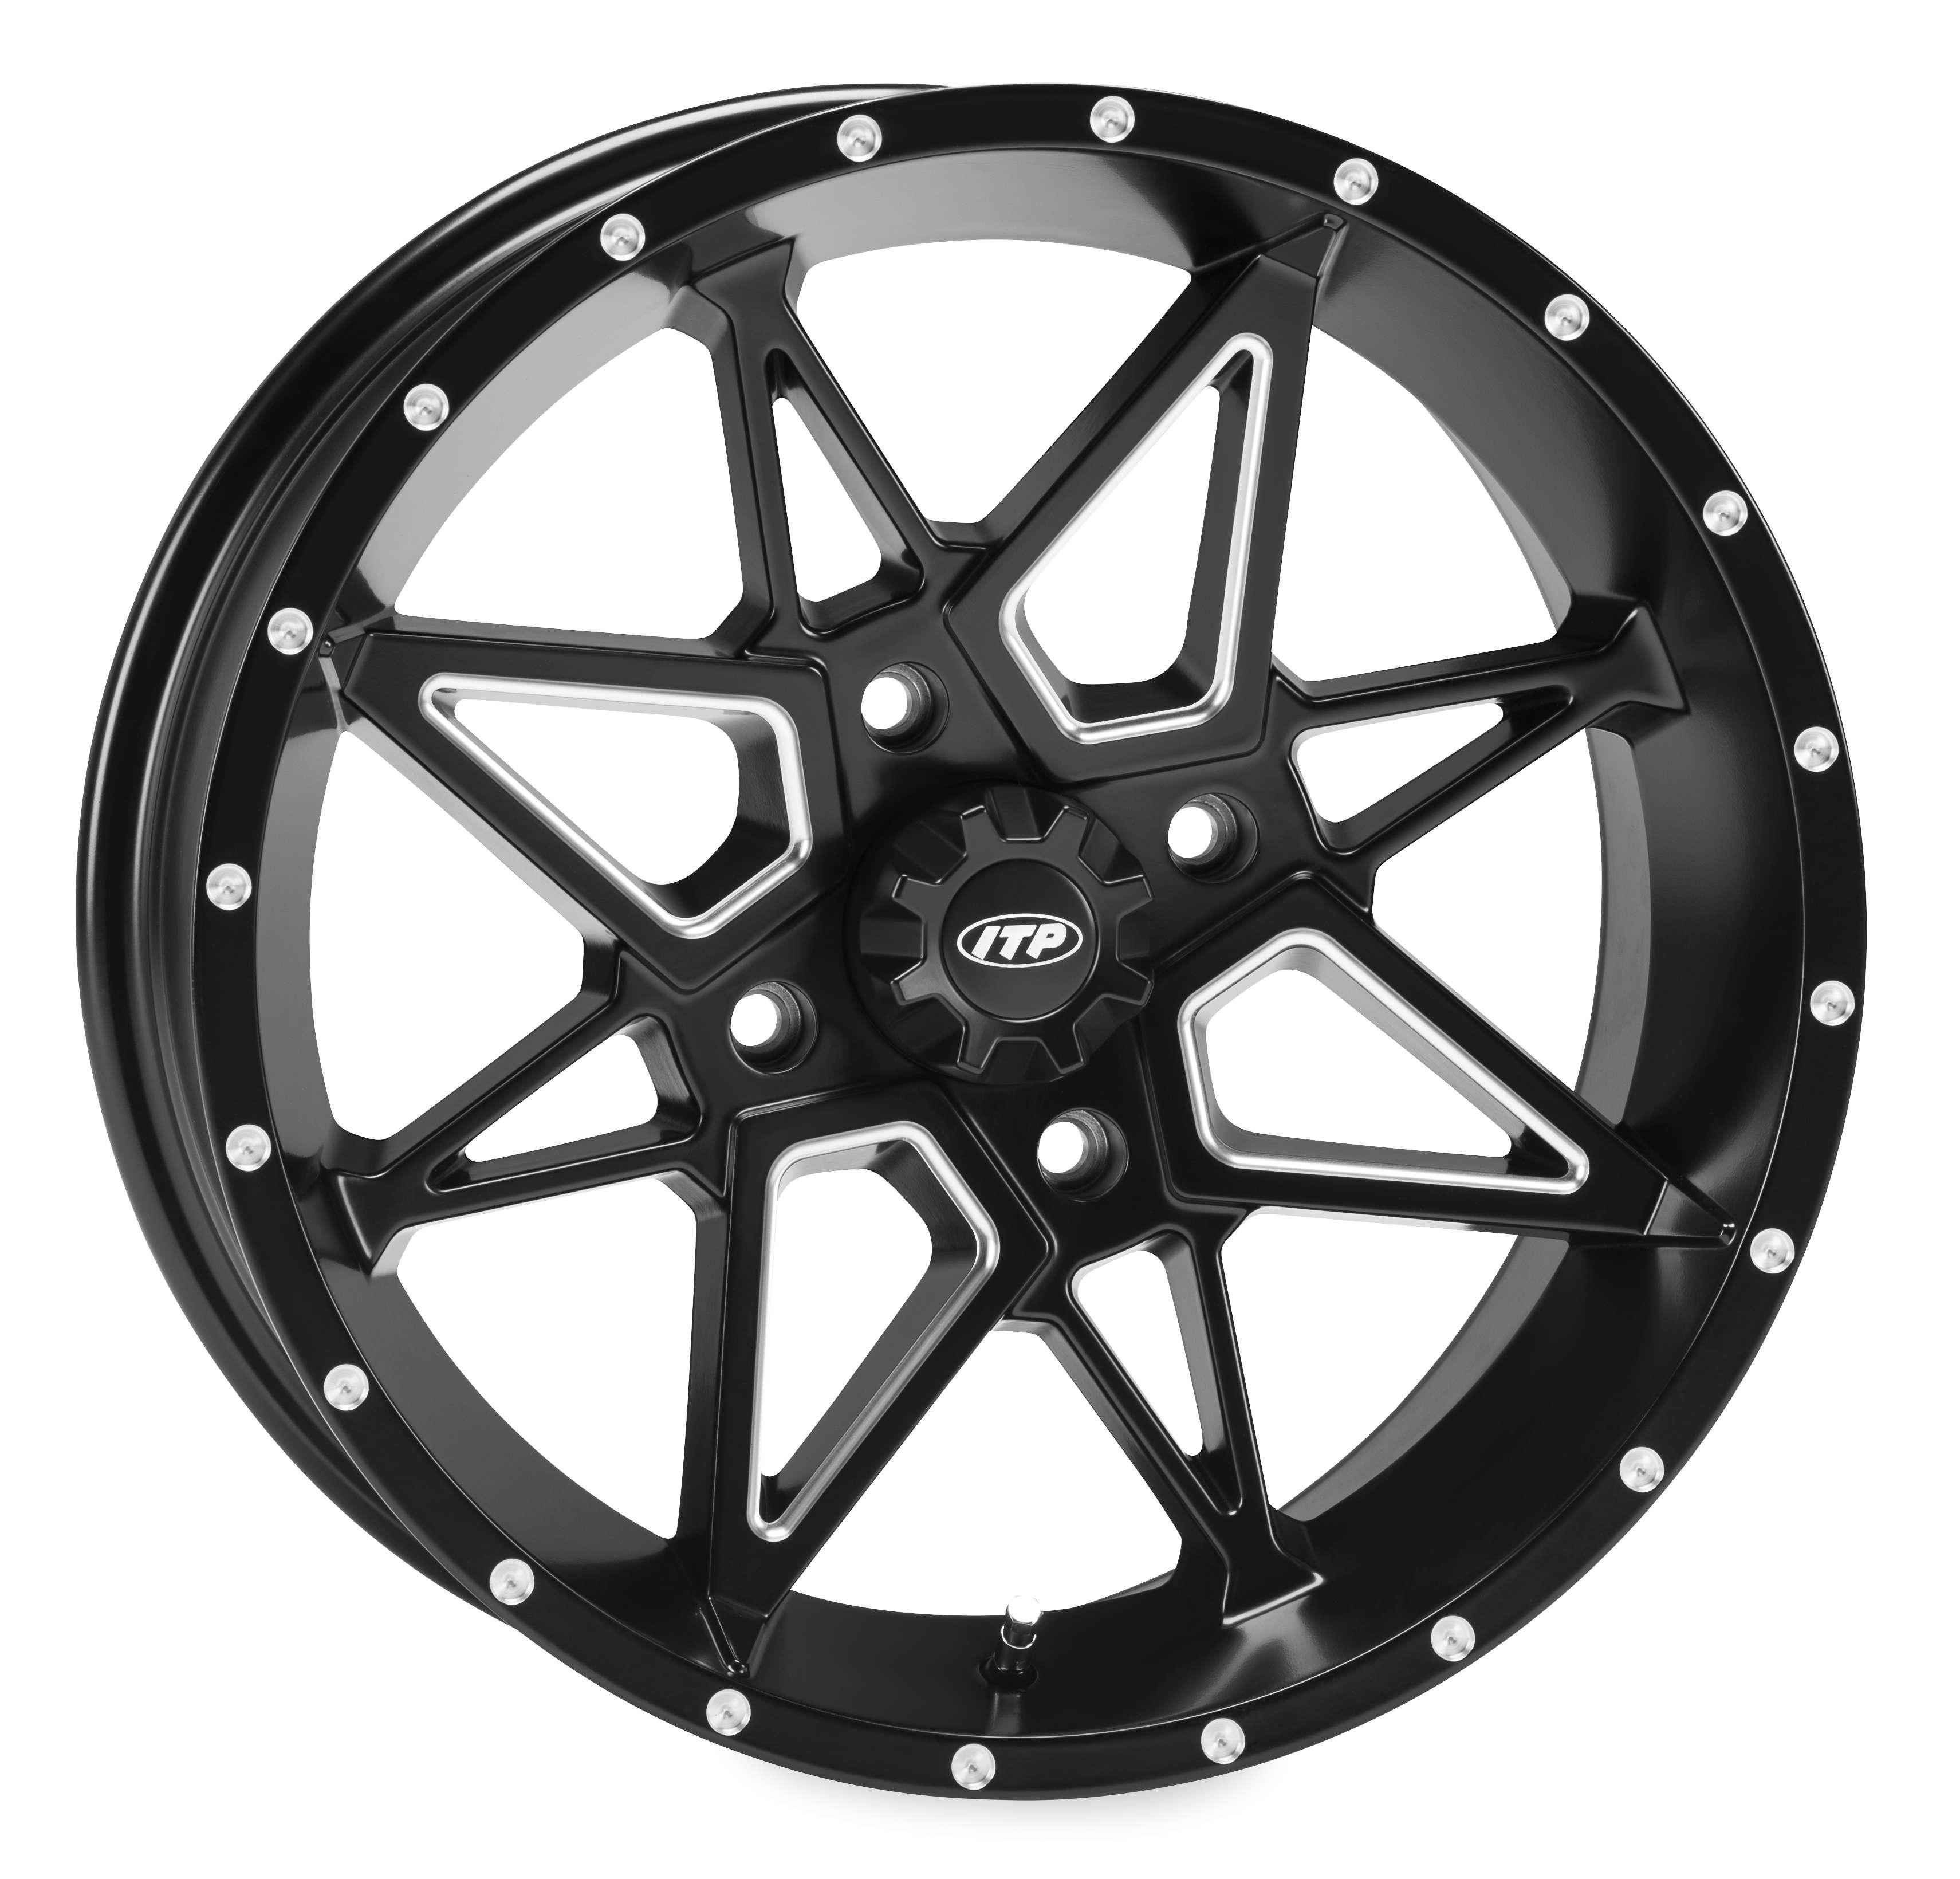 I.T.P. Tornado Ally Aluminum Wheels